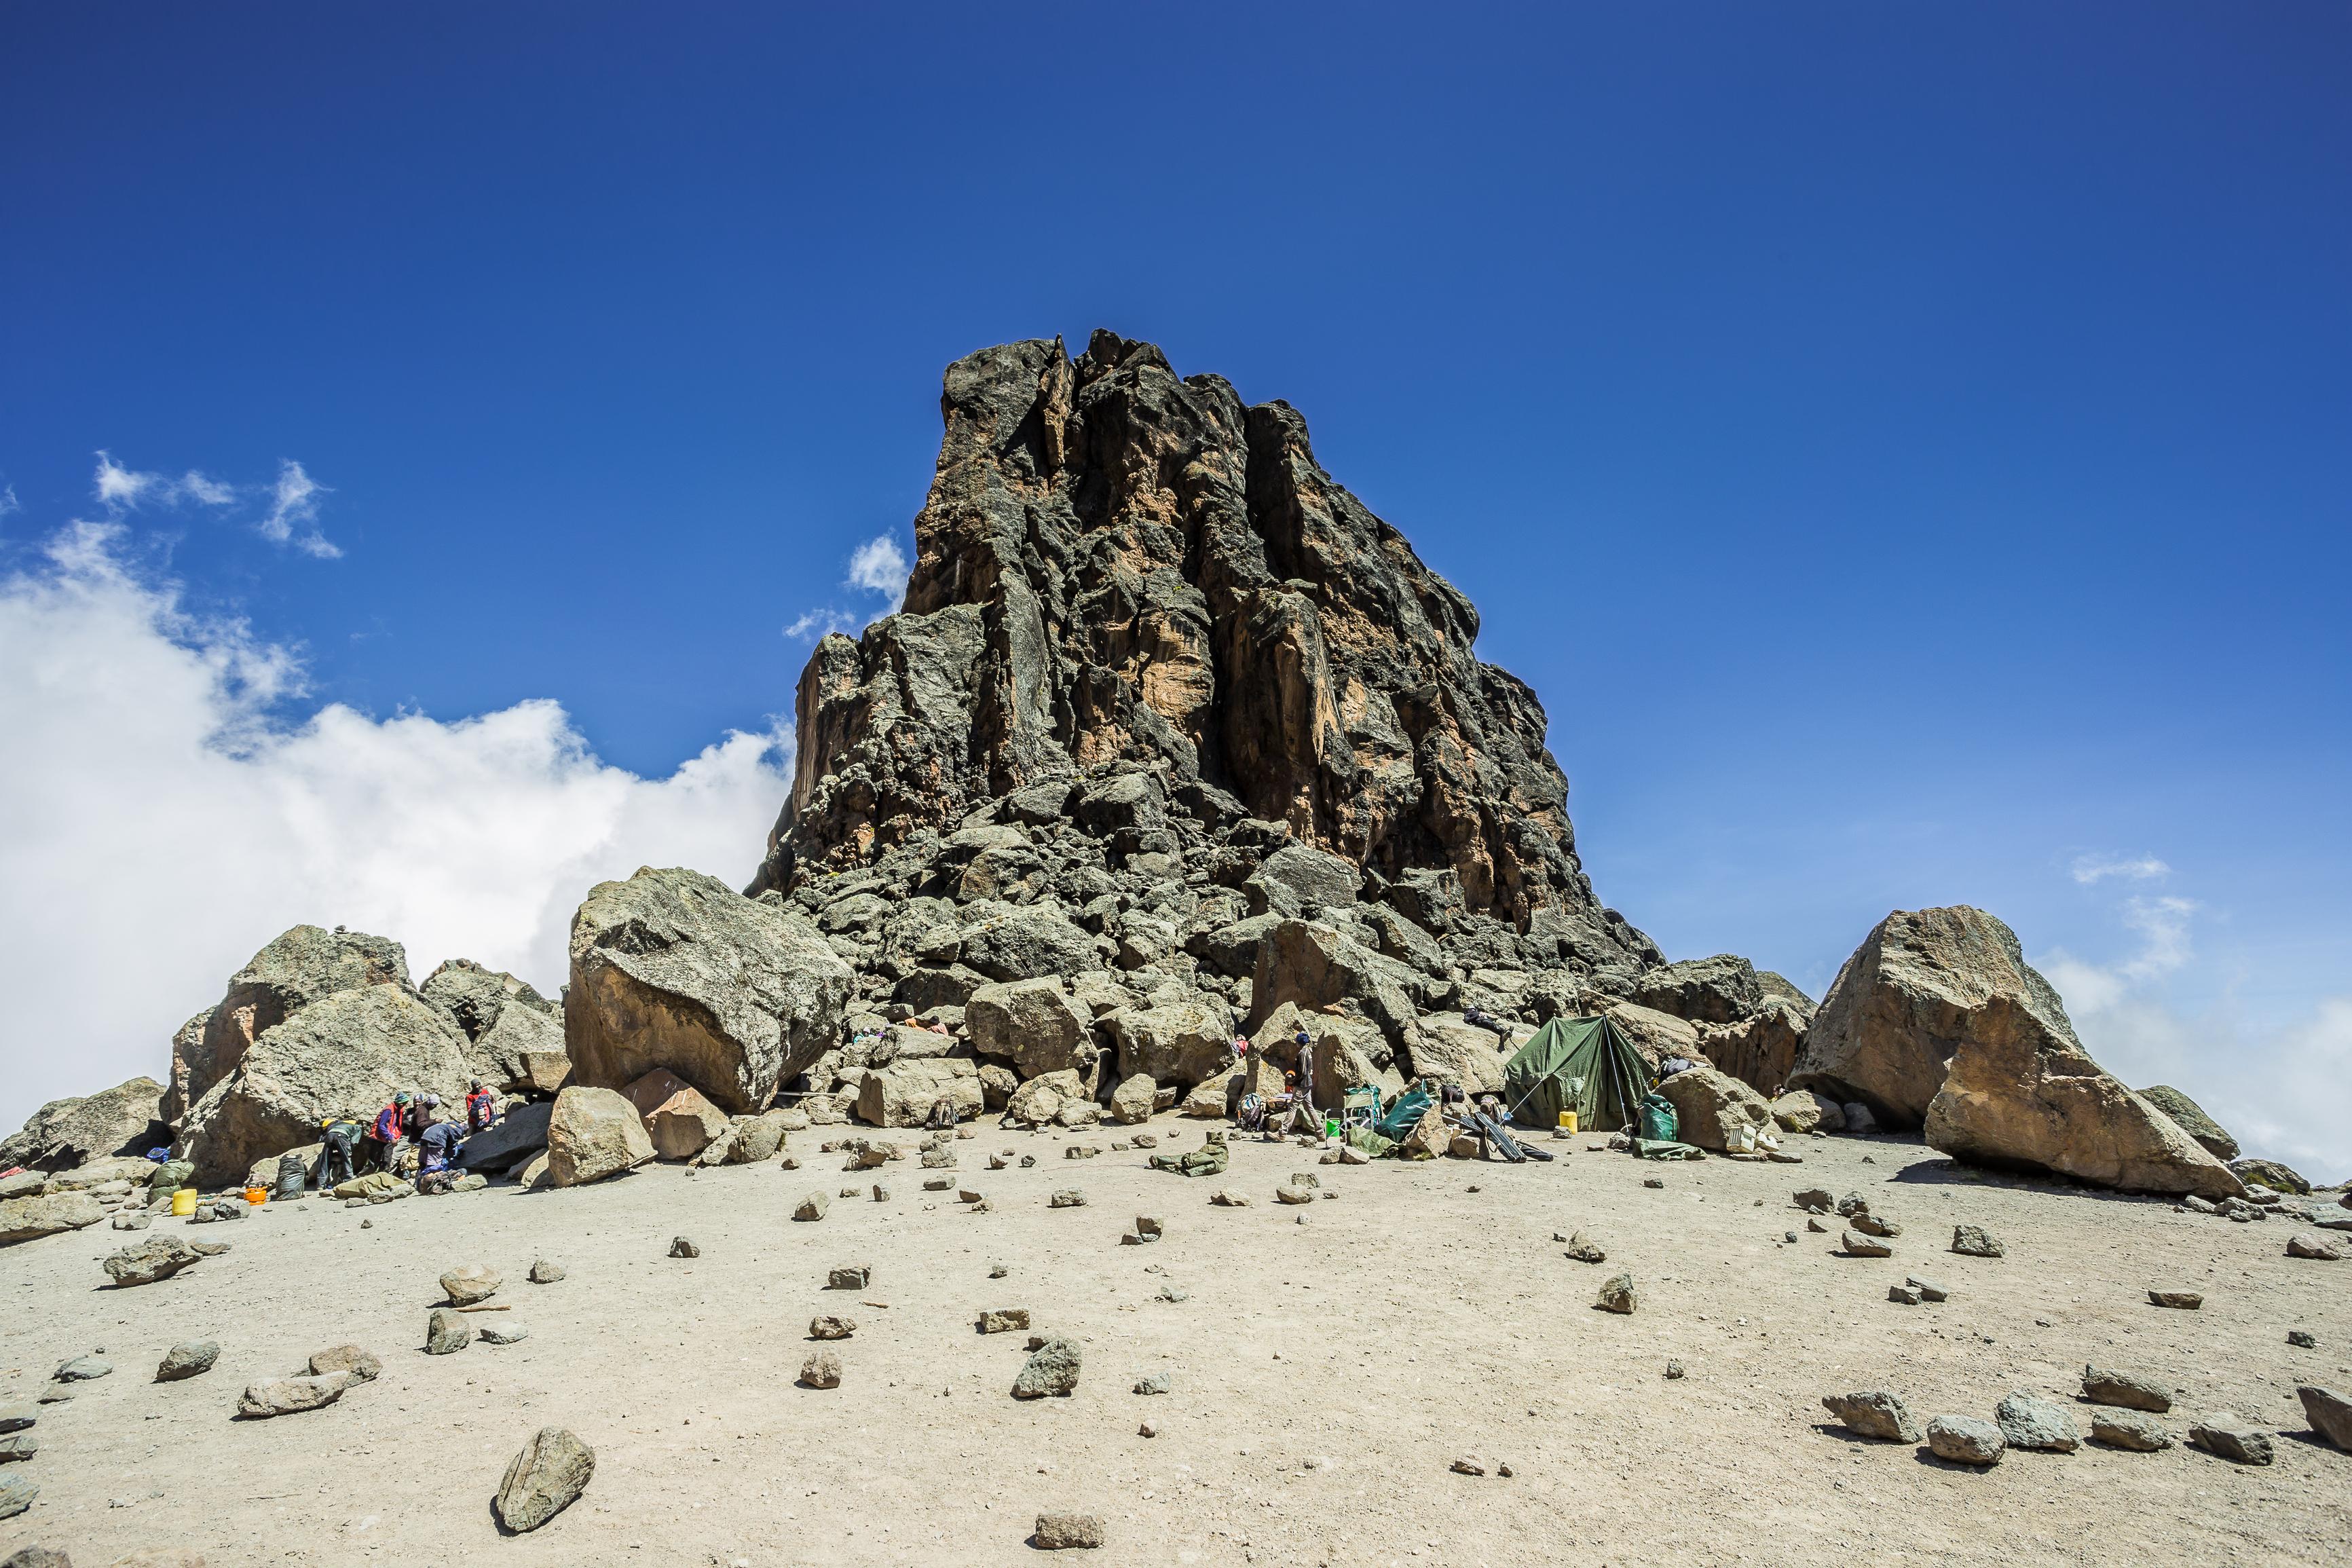 Conocemos cuando el Kilimanjaro fue un volcán - Tanzania Gran Viaje Ascensión al Kilimanjaro: Ruta Machame